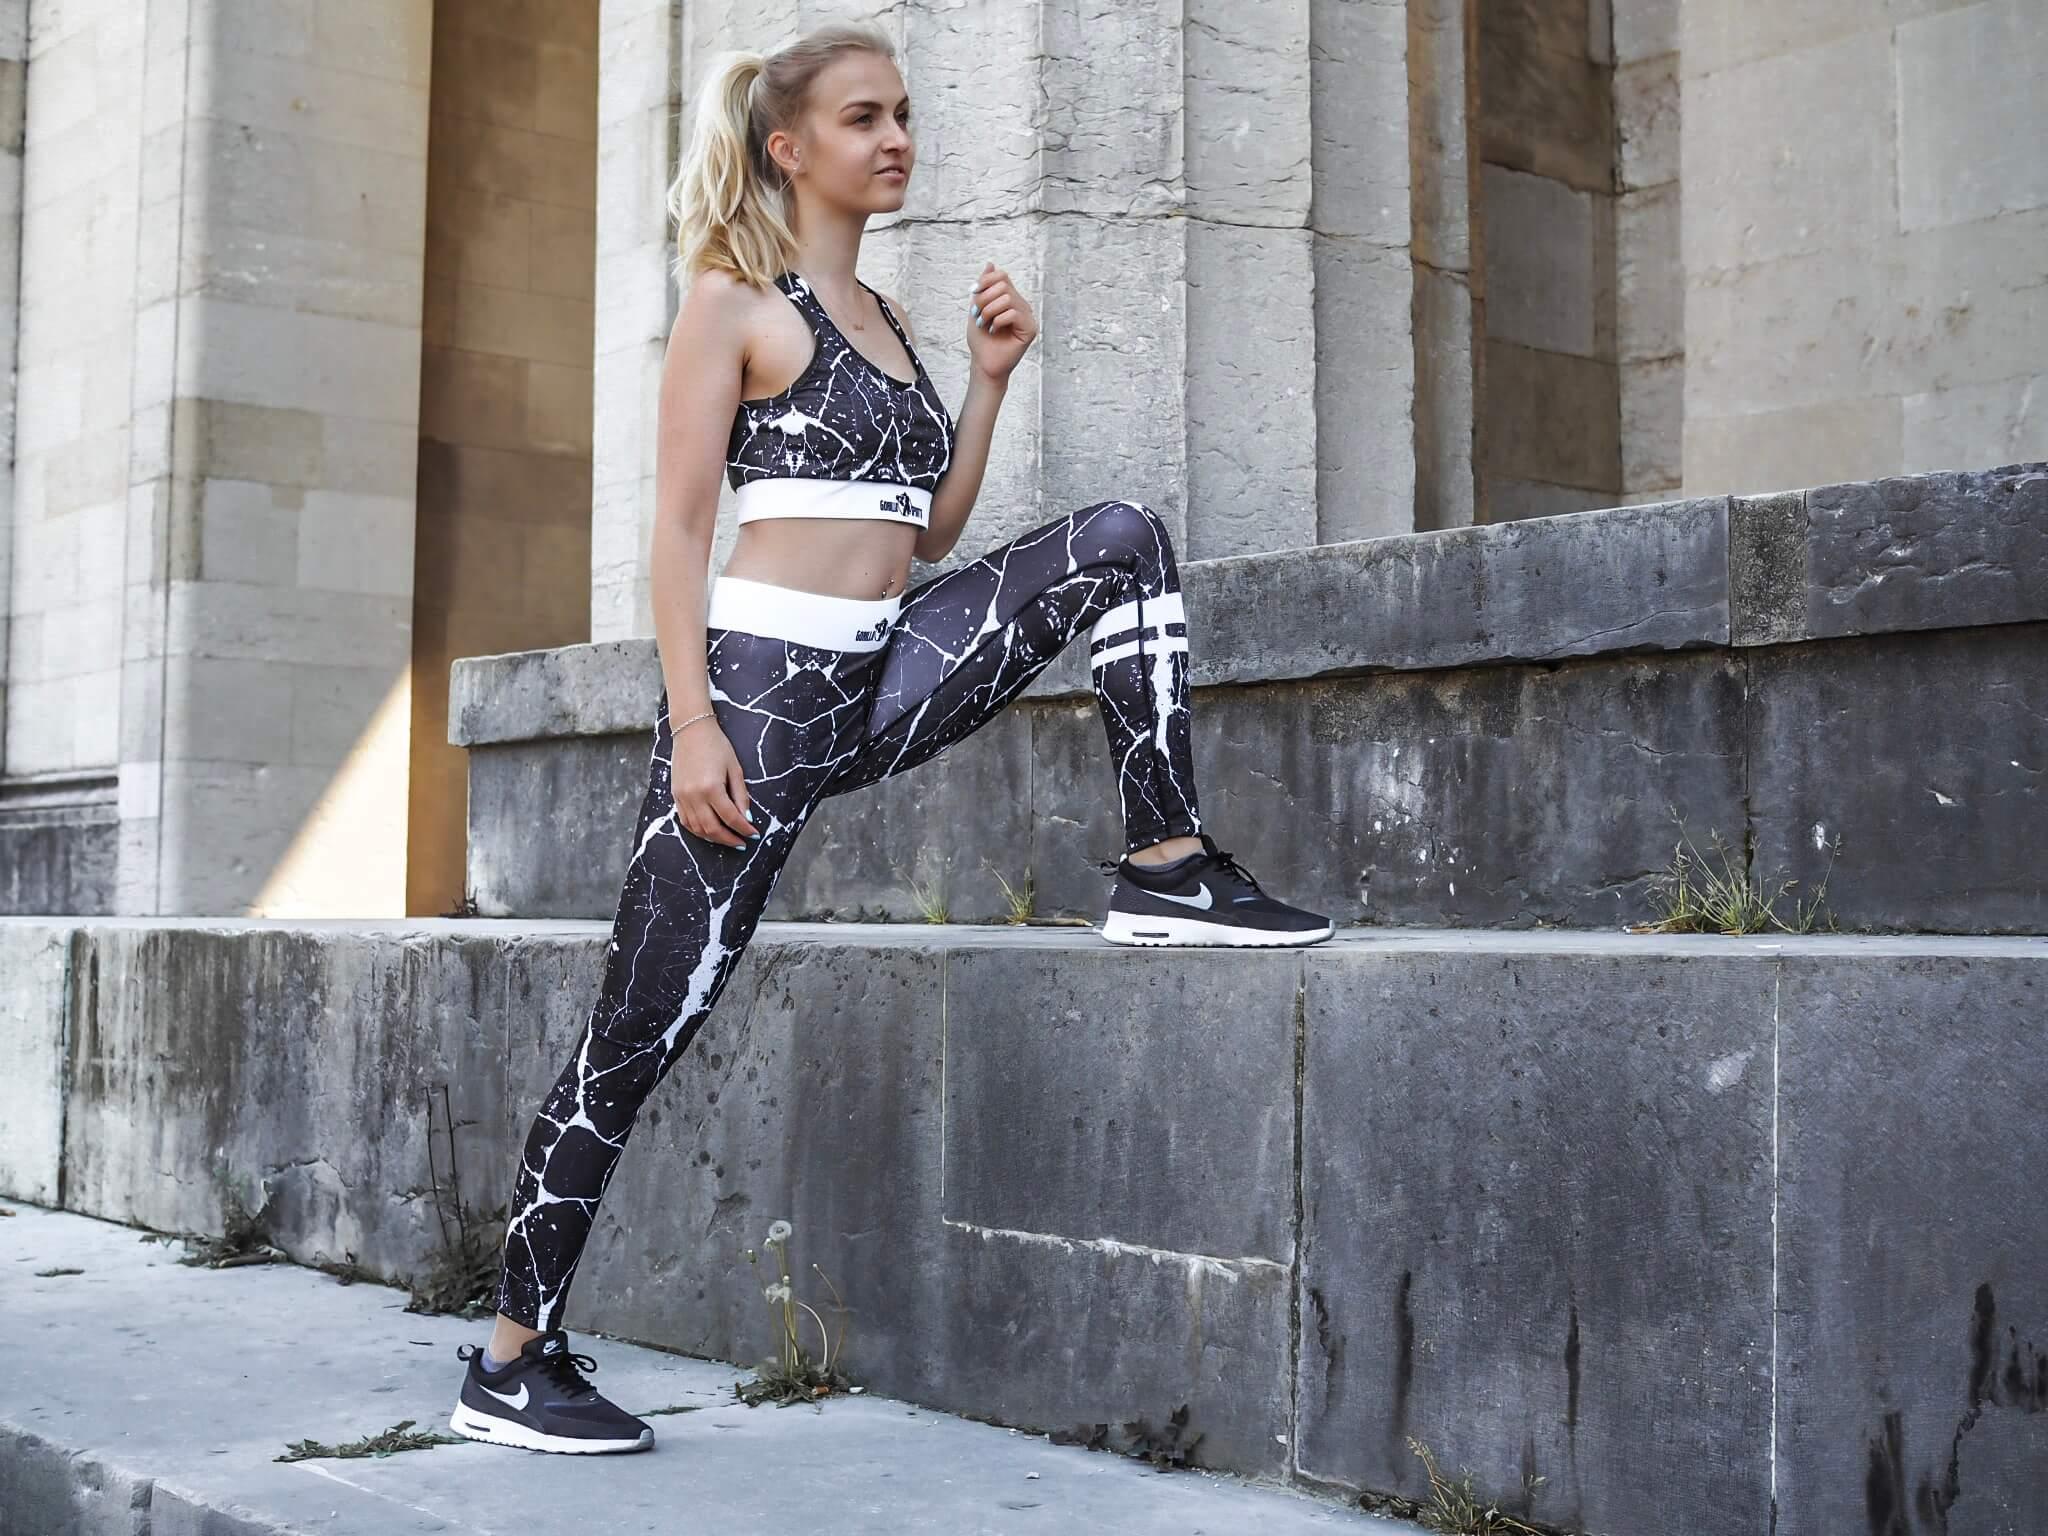 Sport Motivation Fashionblog Modeblog München Katefully Sport Fitness Outfit Schweinehund besiegen ootd sportlich Fitnessblog Legging Bra Königsplatz